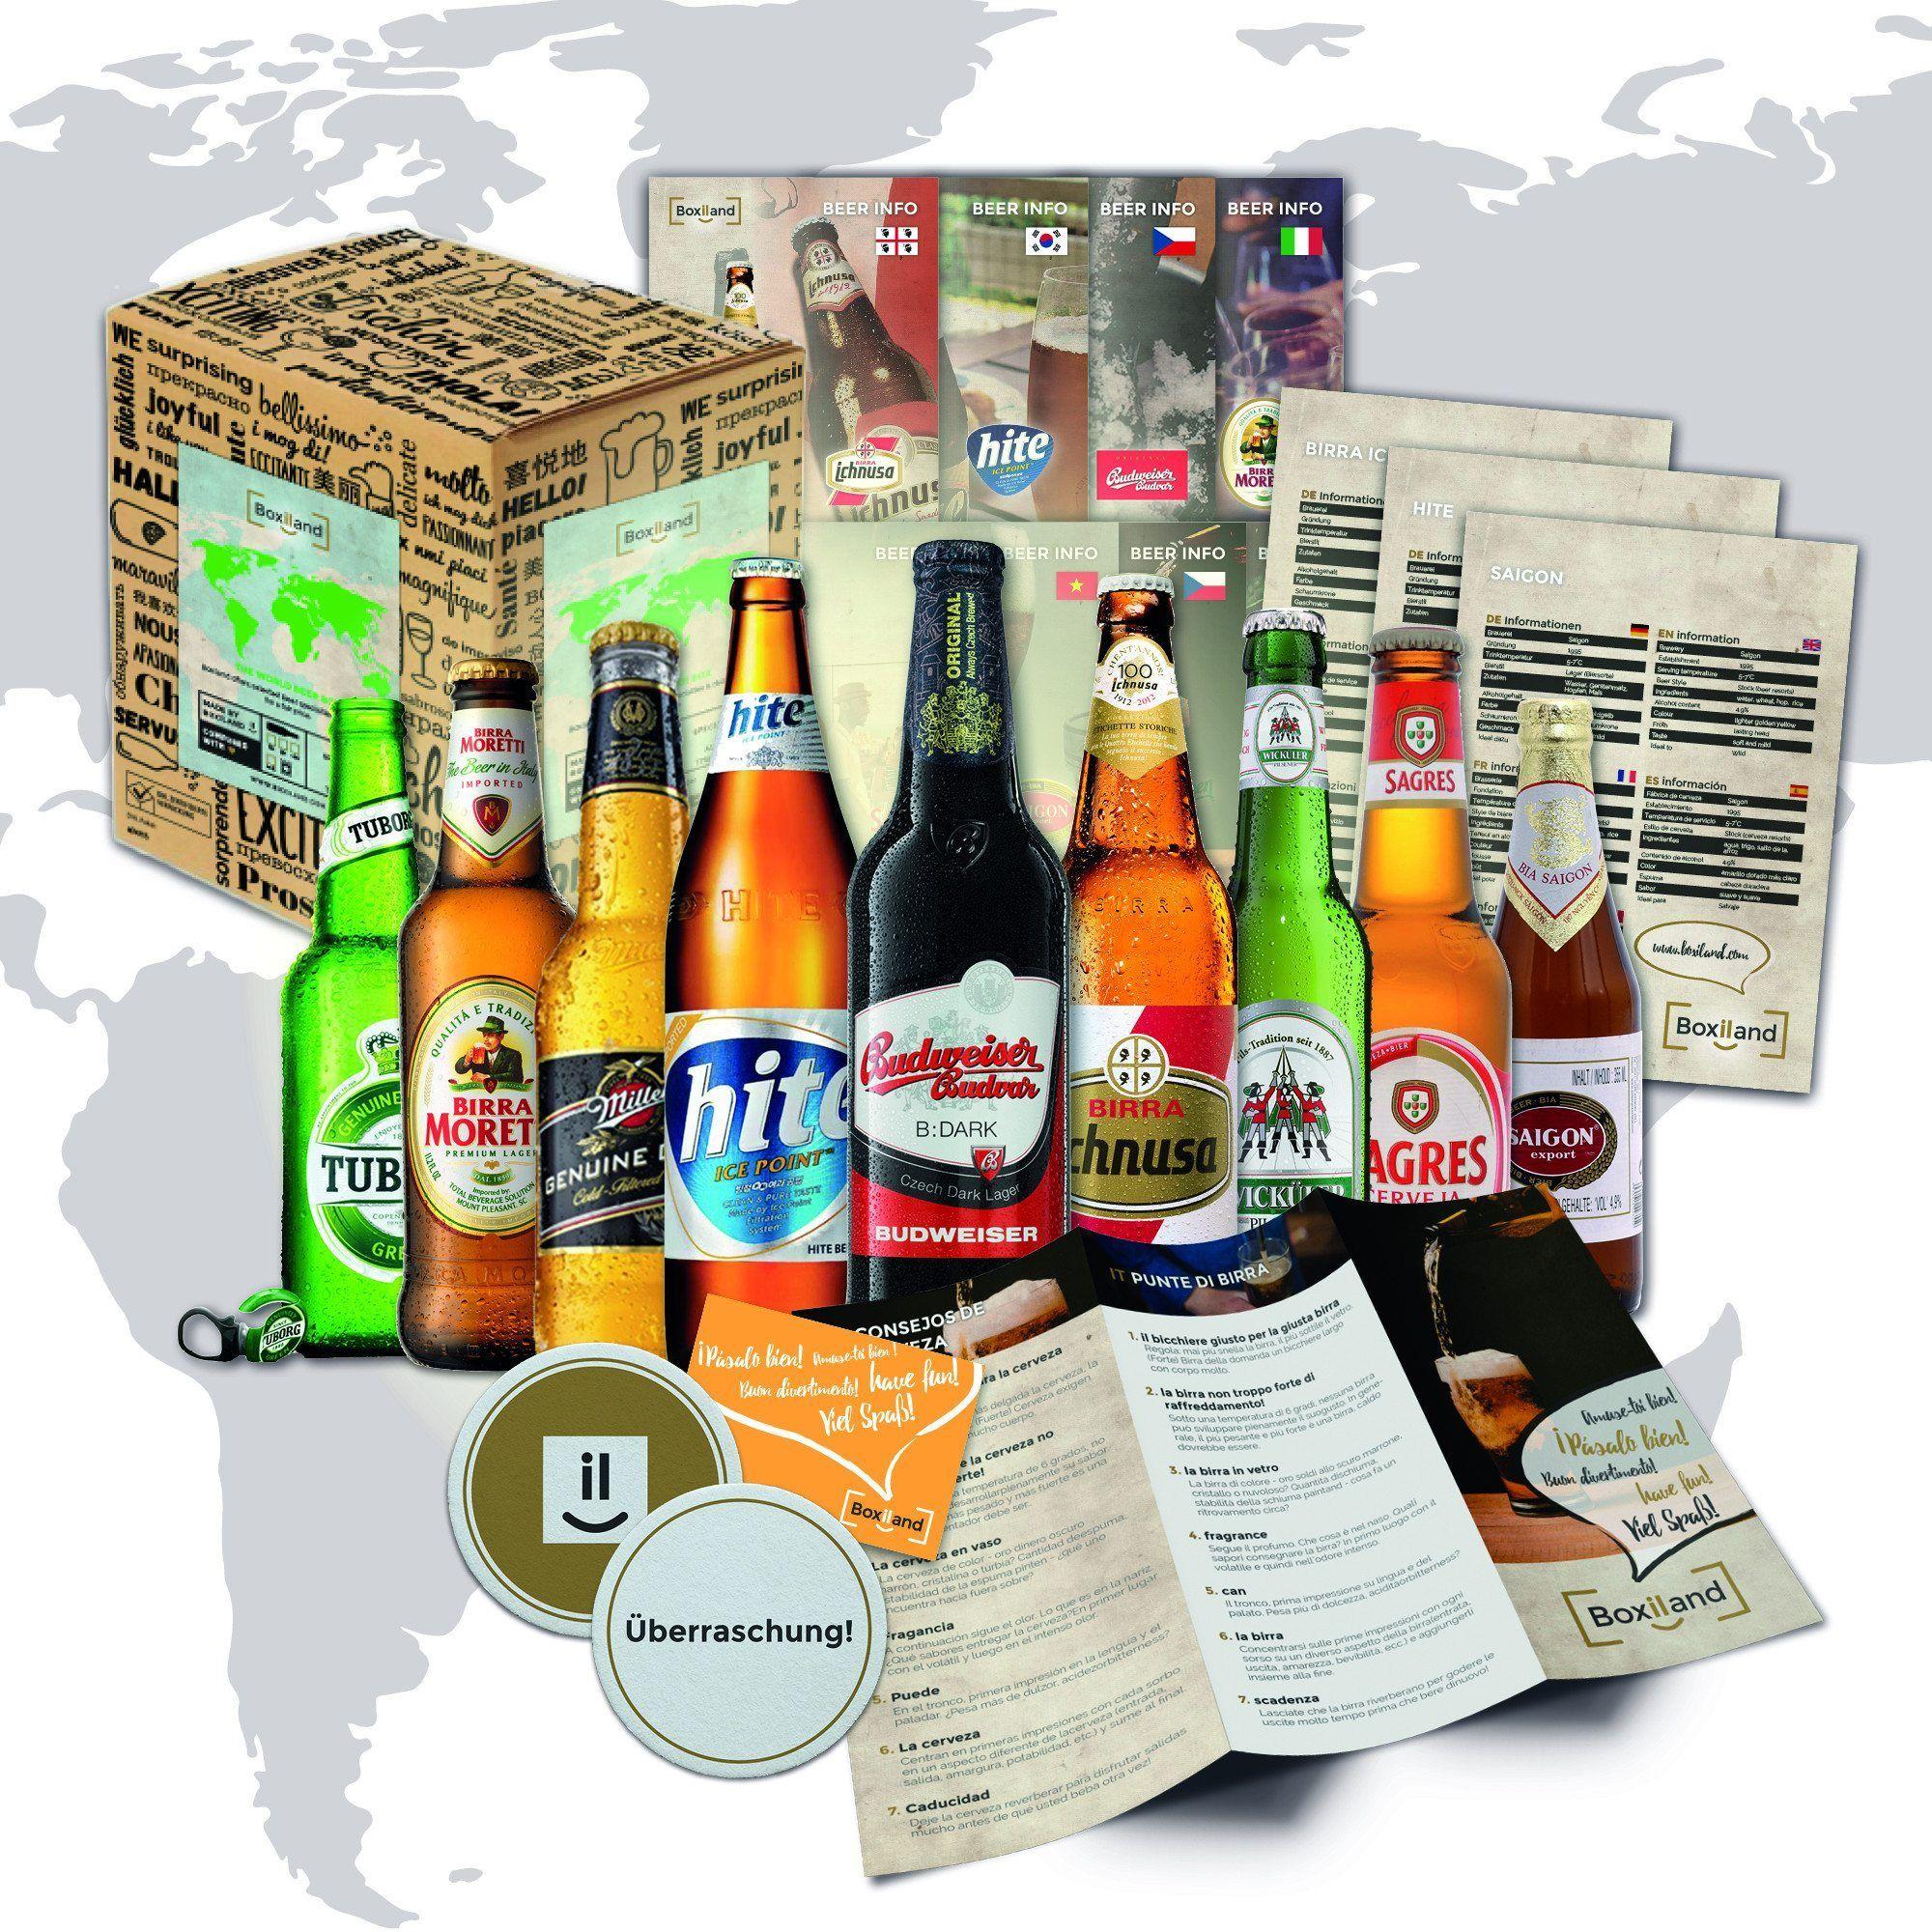 svendegaver - øl fra hele verden som svendegave